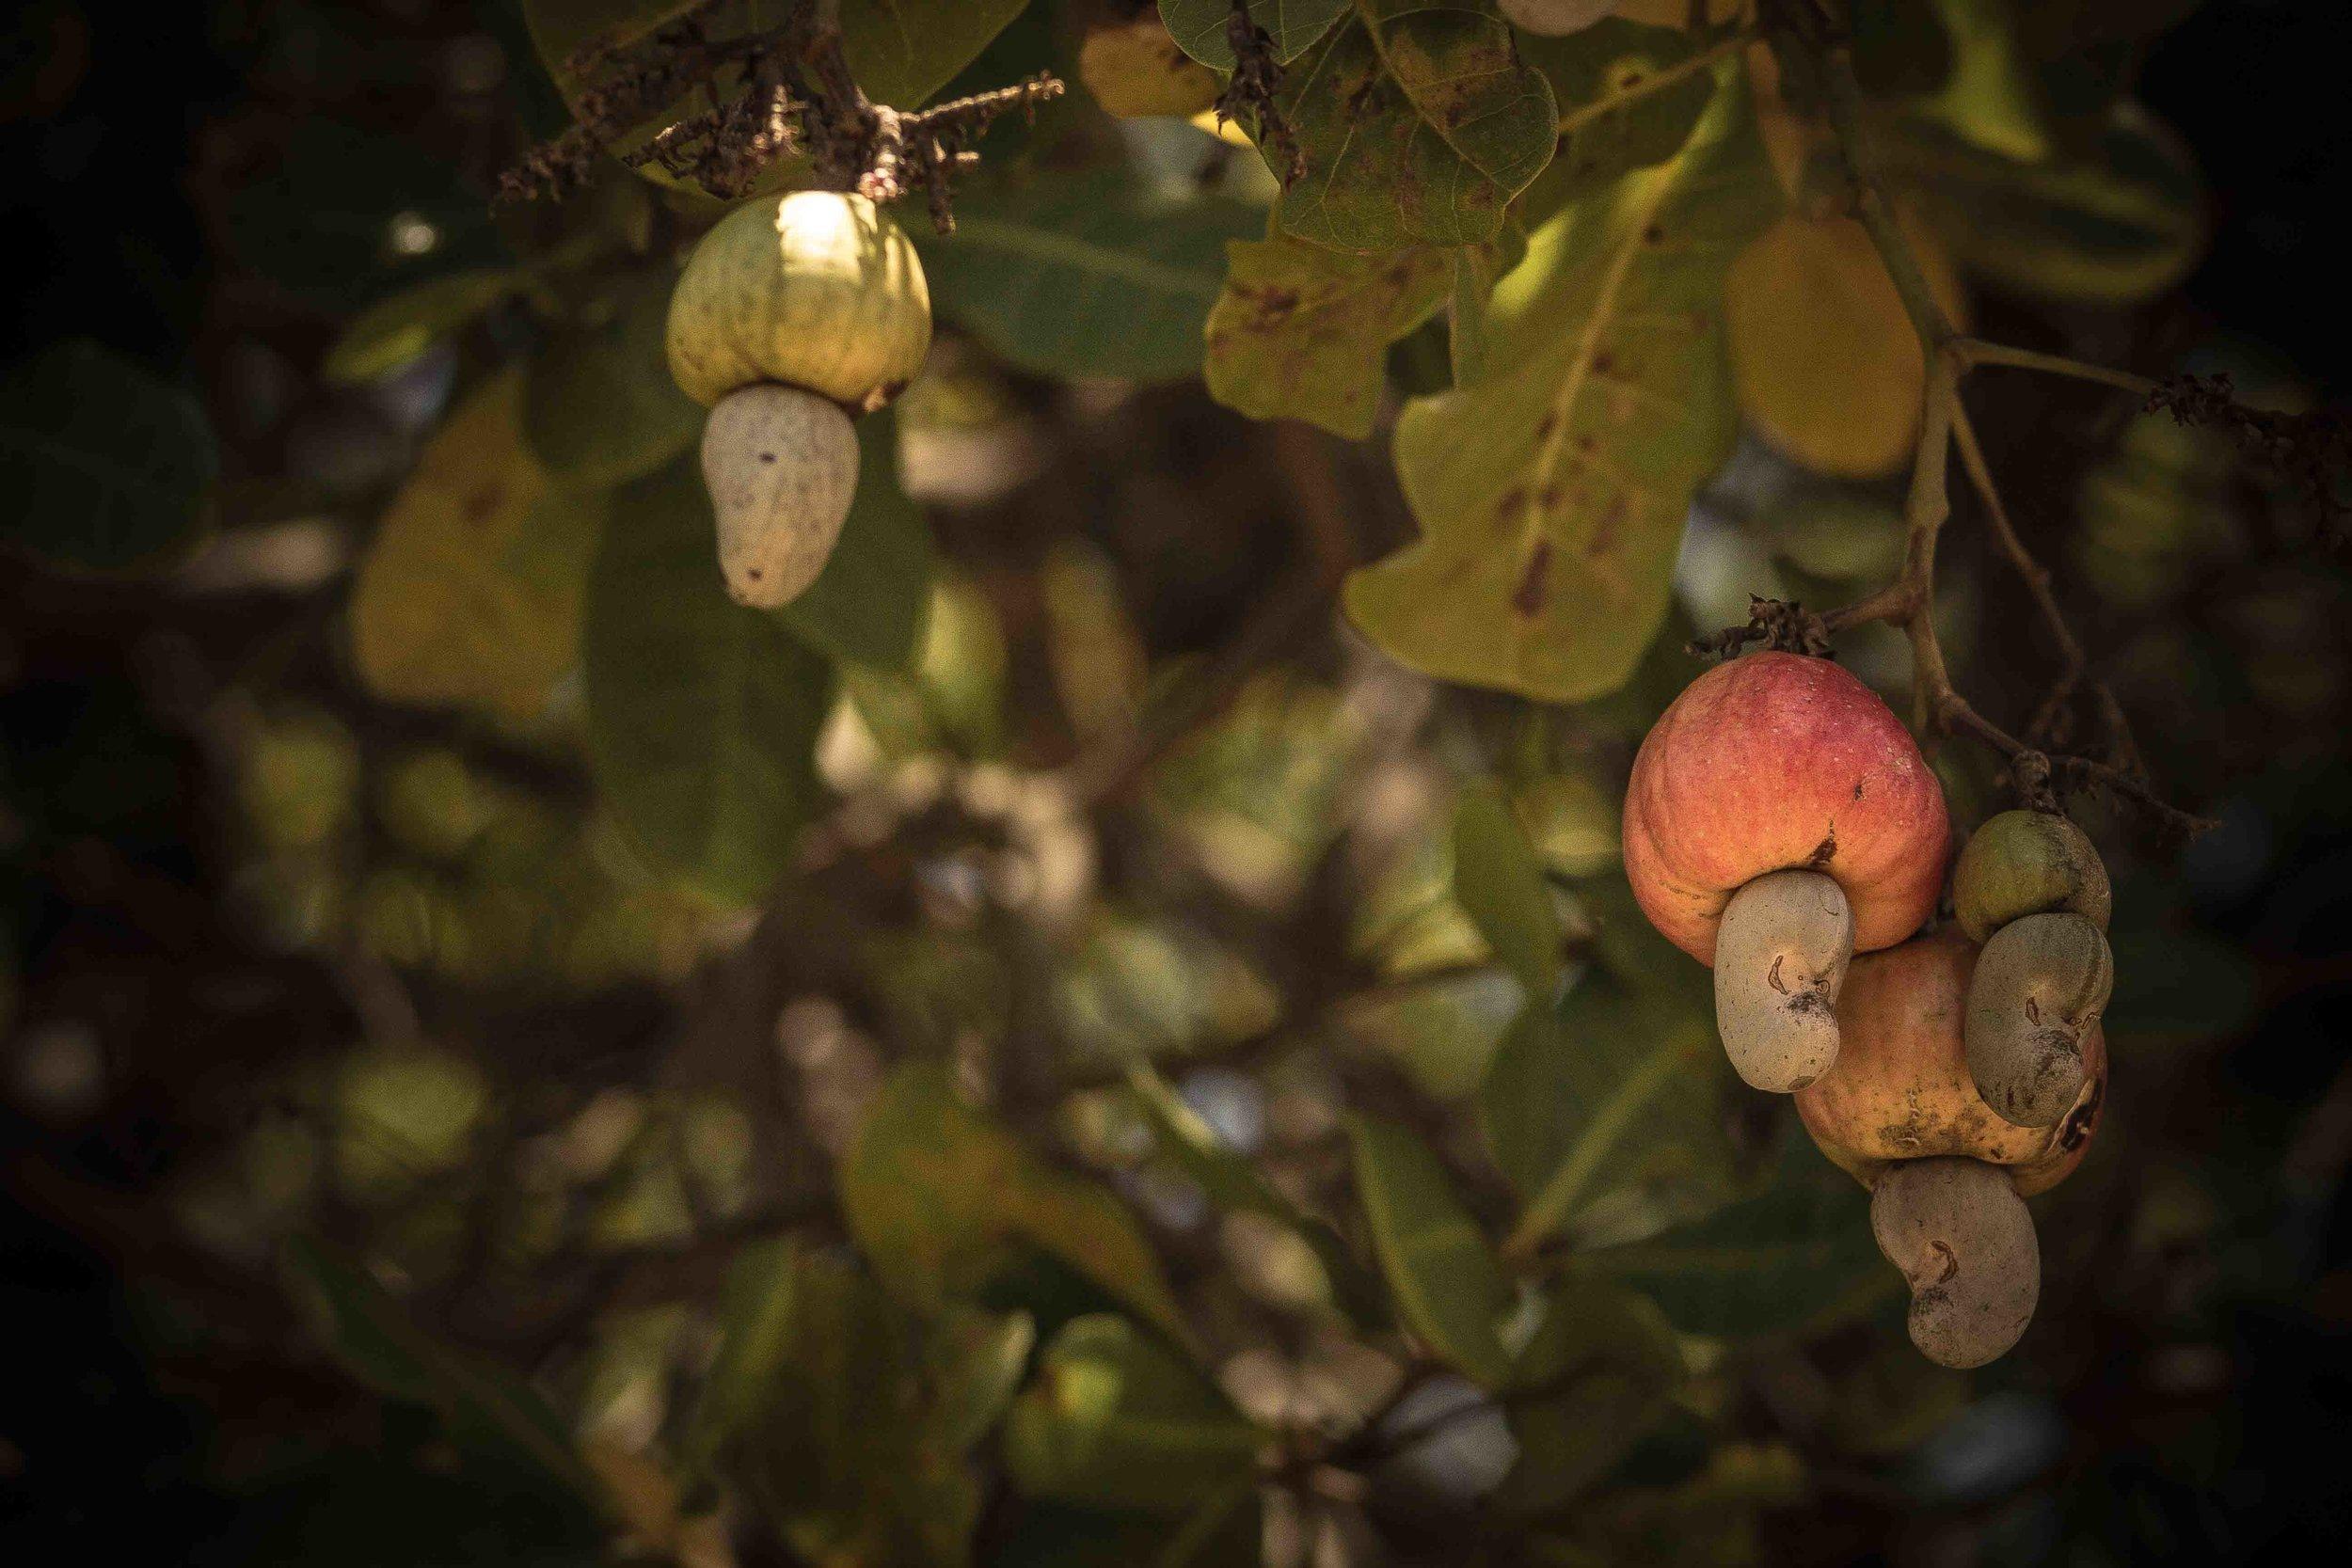 Mogovolas district, Nampula   province  – The cashew harvest season in Mozambique begins around October and lasts through December, when trees are laden with both cashew fruit and nuts |  A colheita de castanha de caju em Moçambique começa em outubro e dura até dezembro, quando os cajueiros estão cheio de caju